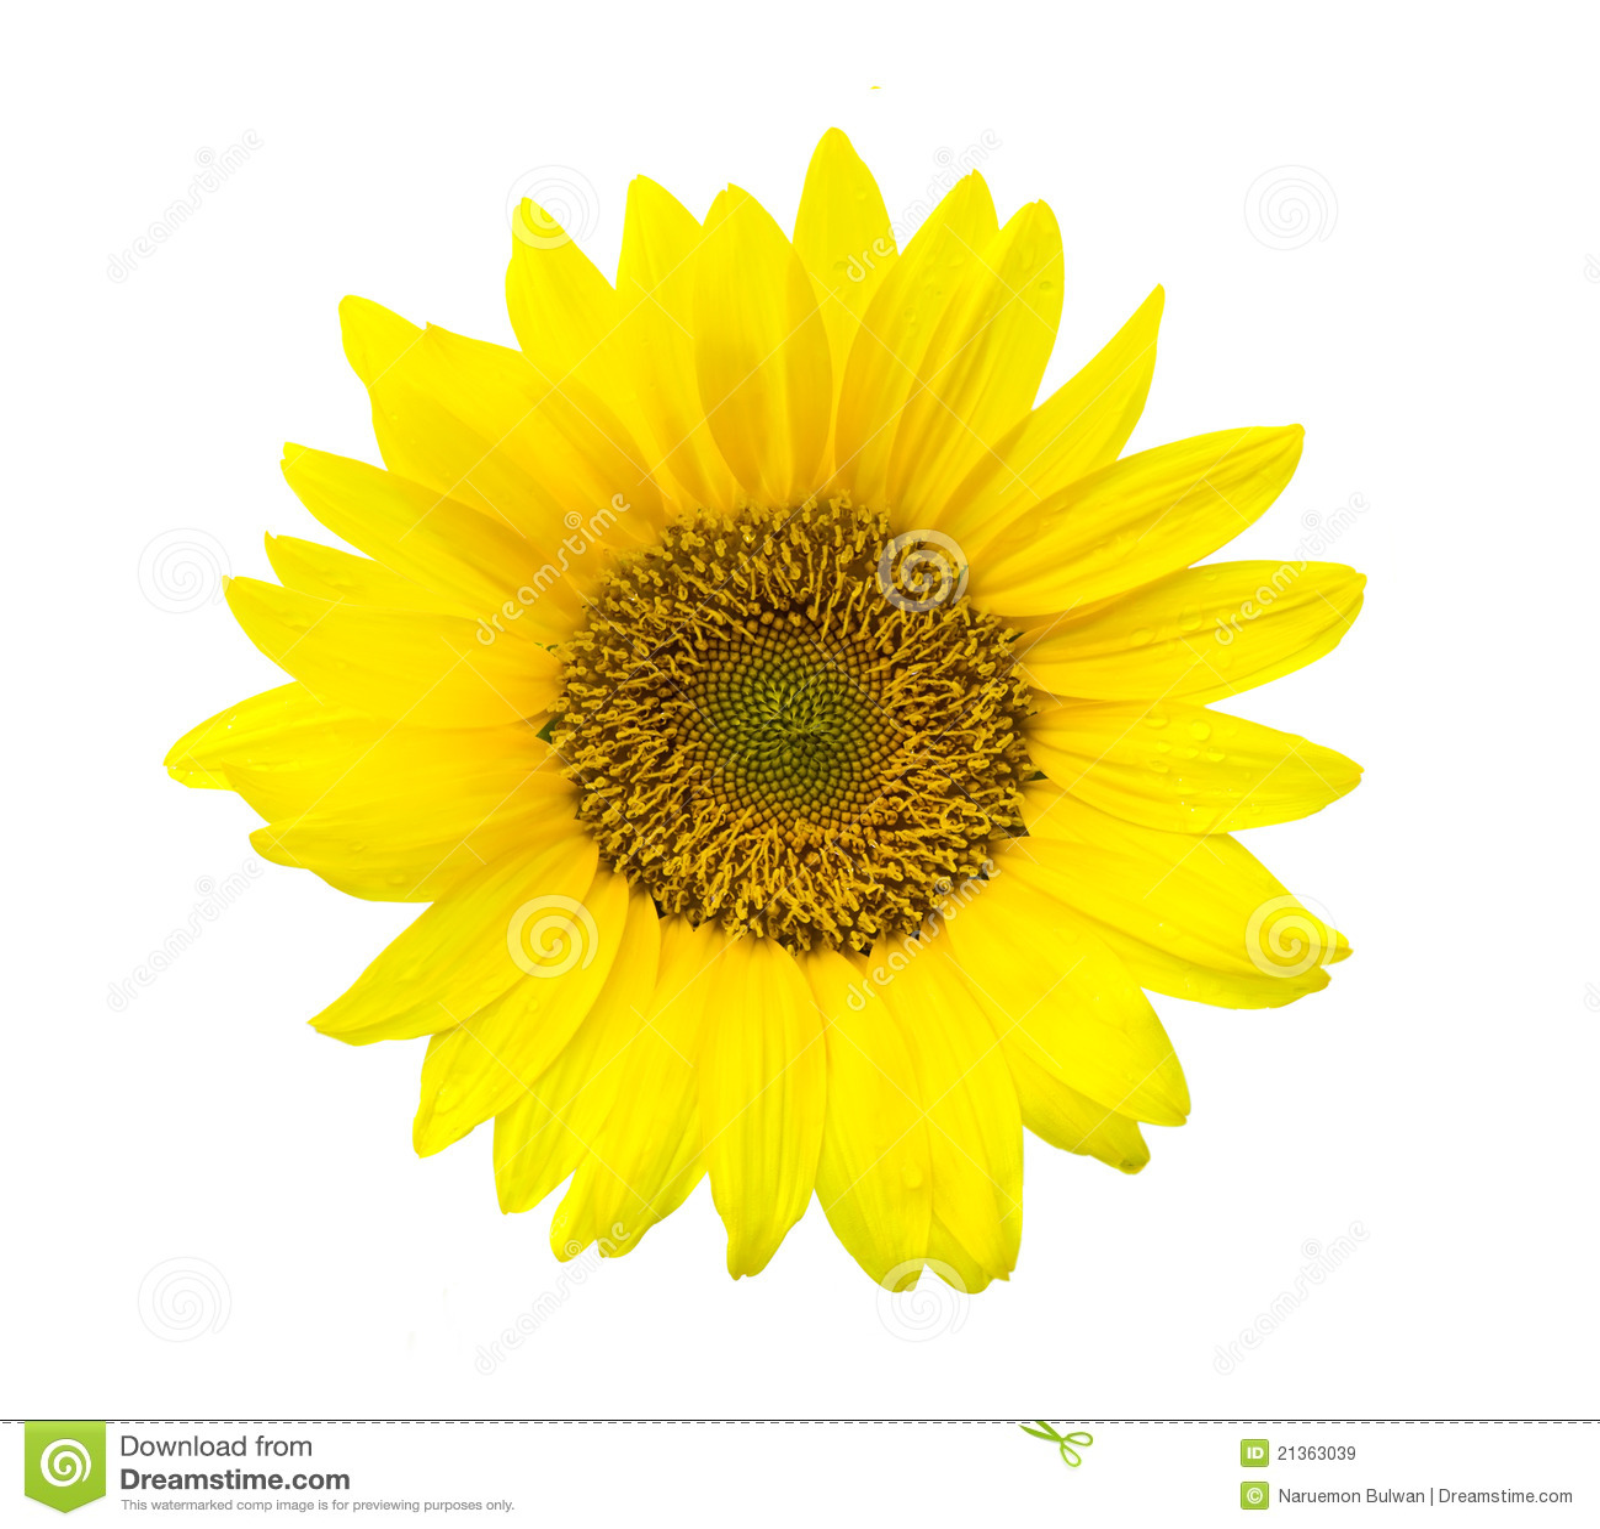 gelbe sonnenblume stockbild bild von wei hell bl te 21363039. Black Bedroom Furniture Sets. Home Design Ideas